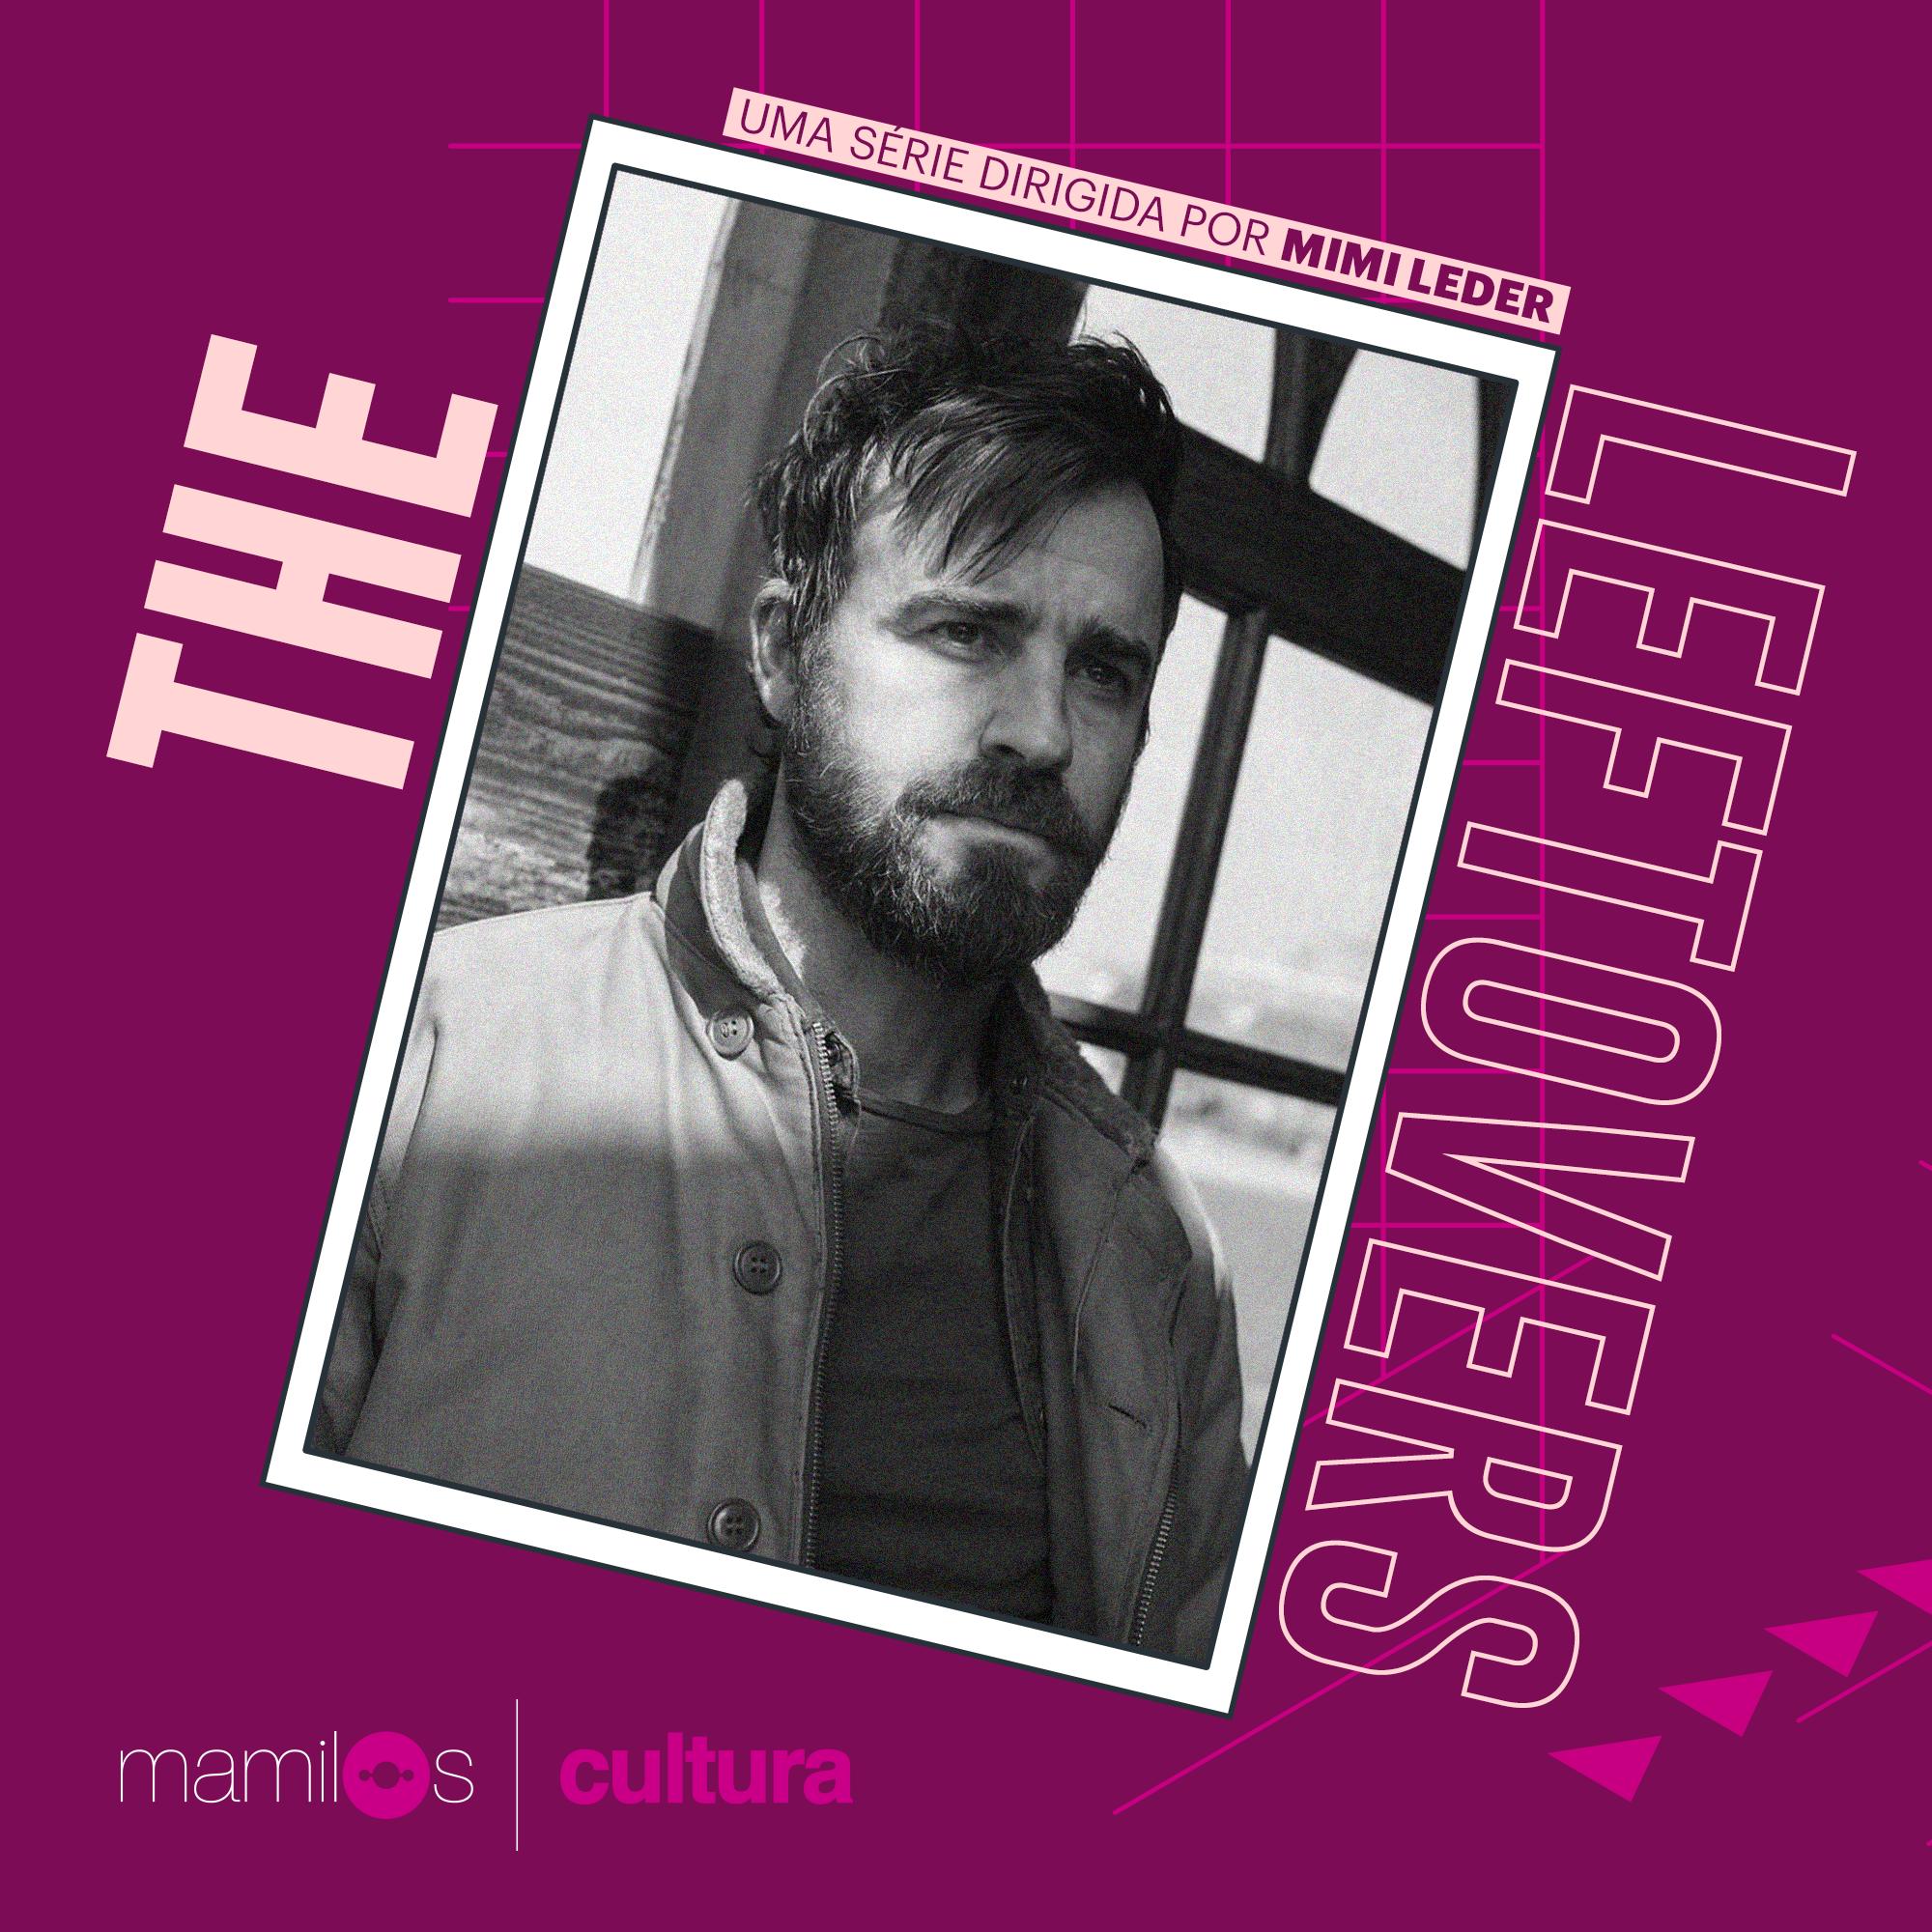 Capa - Cultura 19: série The Leftovers - luto coletivo